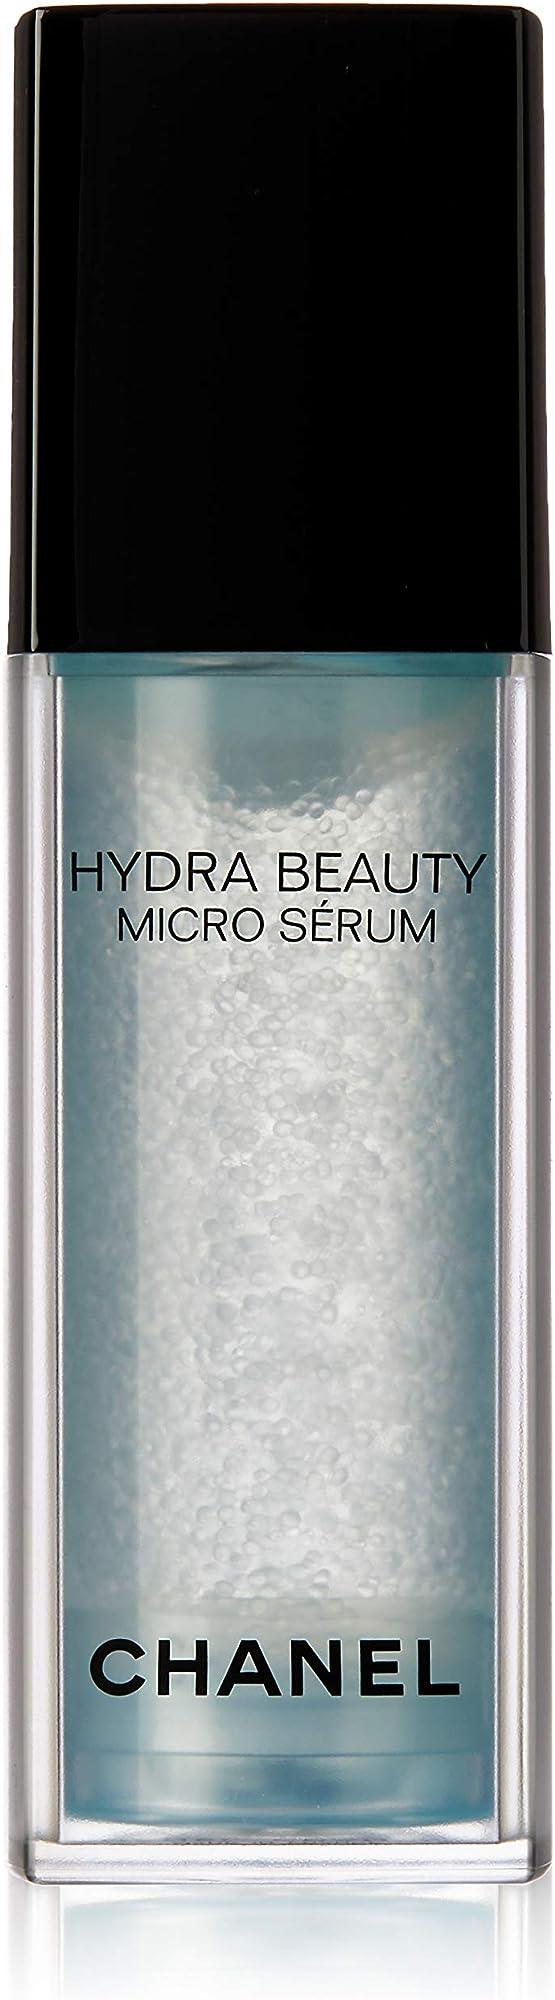 Chanel hydra beauty micro serum 30ml siero alle microsfere di camelia reinventa l`idratazione 3145891431803